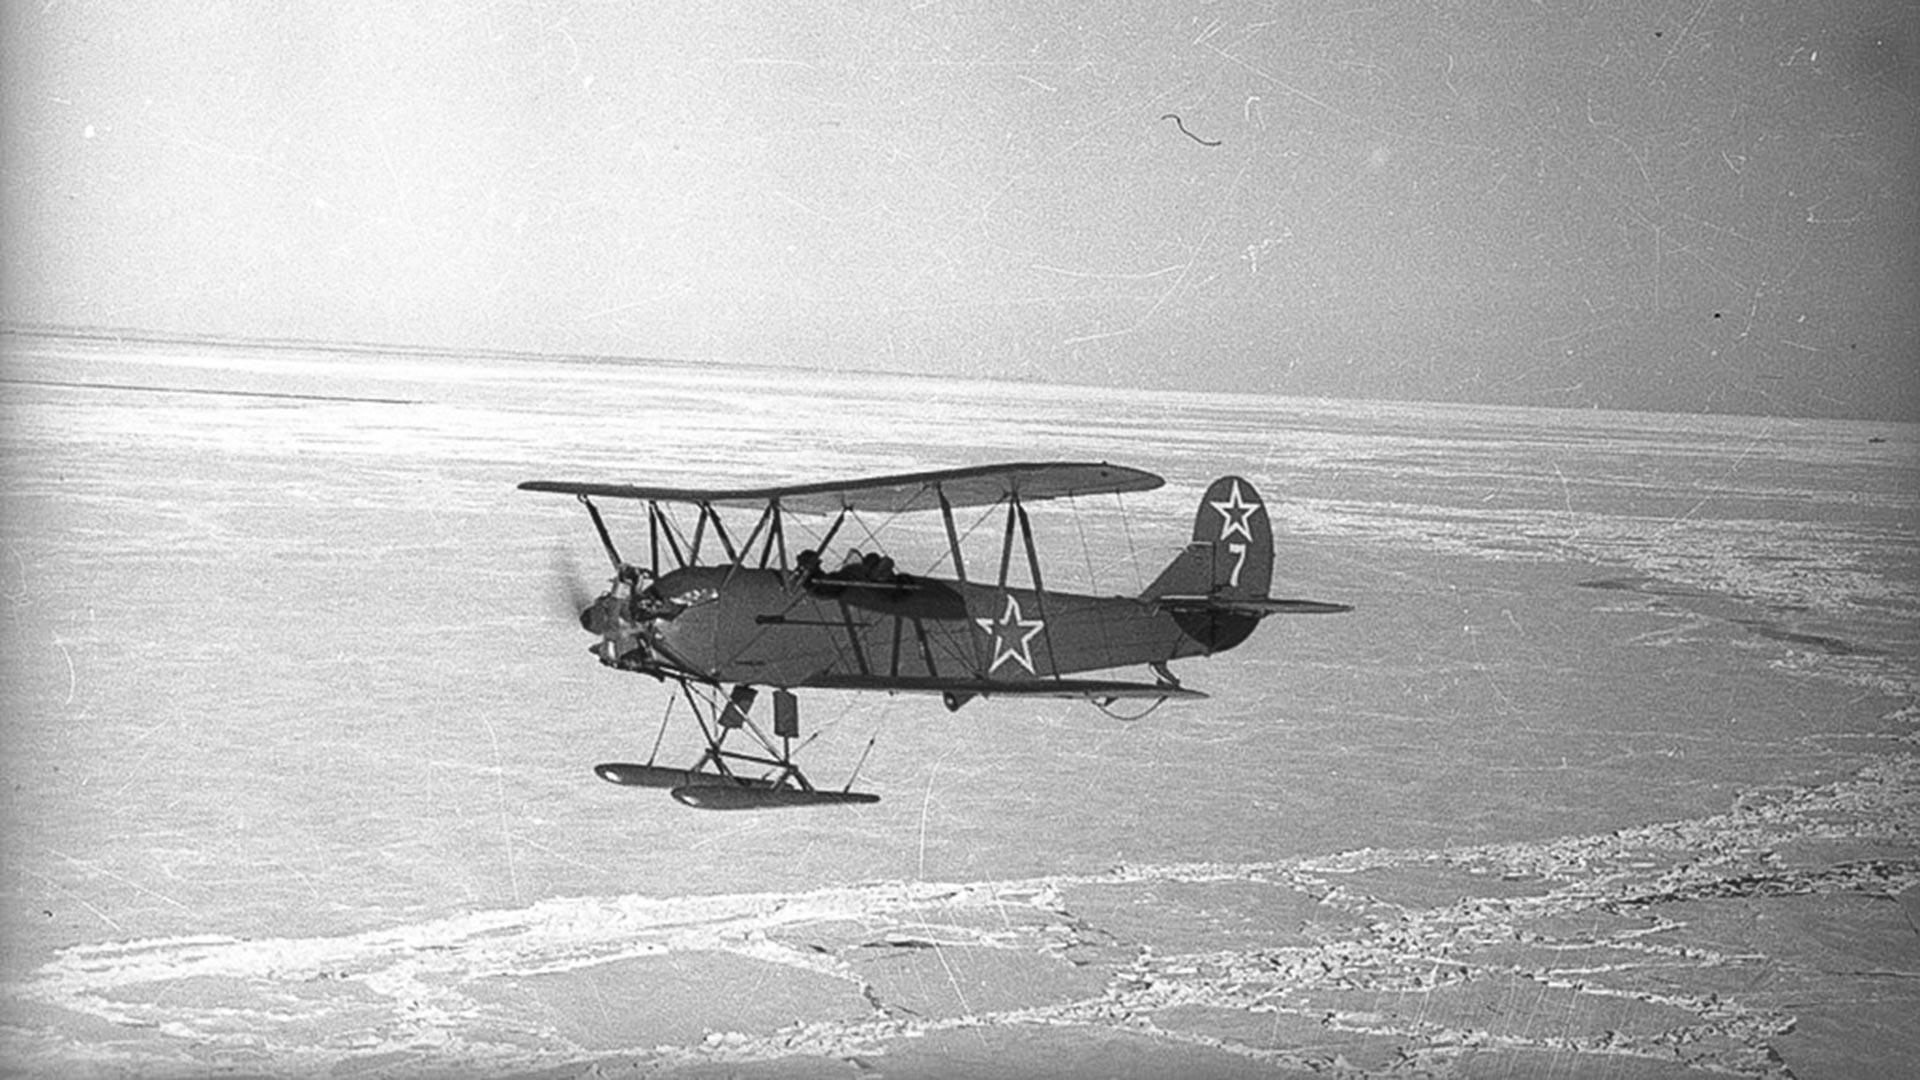 Авион У-2 бр. 7 ће оборити непријатељска ПВО у ноћи уочи 1.8.1943. Посада (пилот Полуњина Валентина Ивановна и навигатор Каширина Глафира Алексејевна) ће погинути.